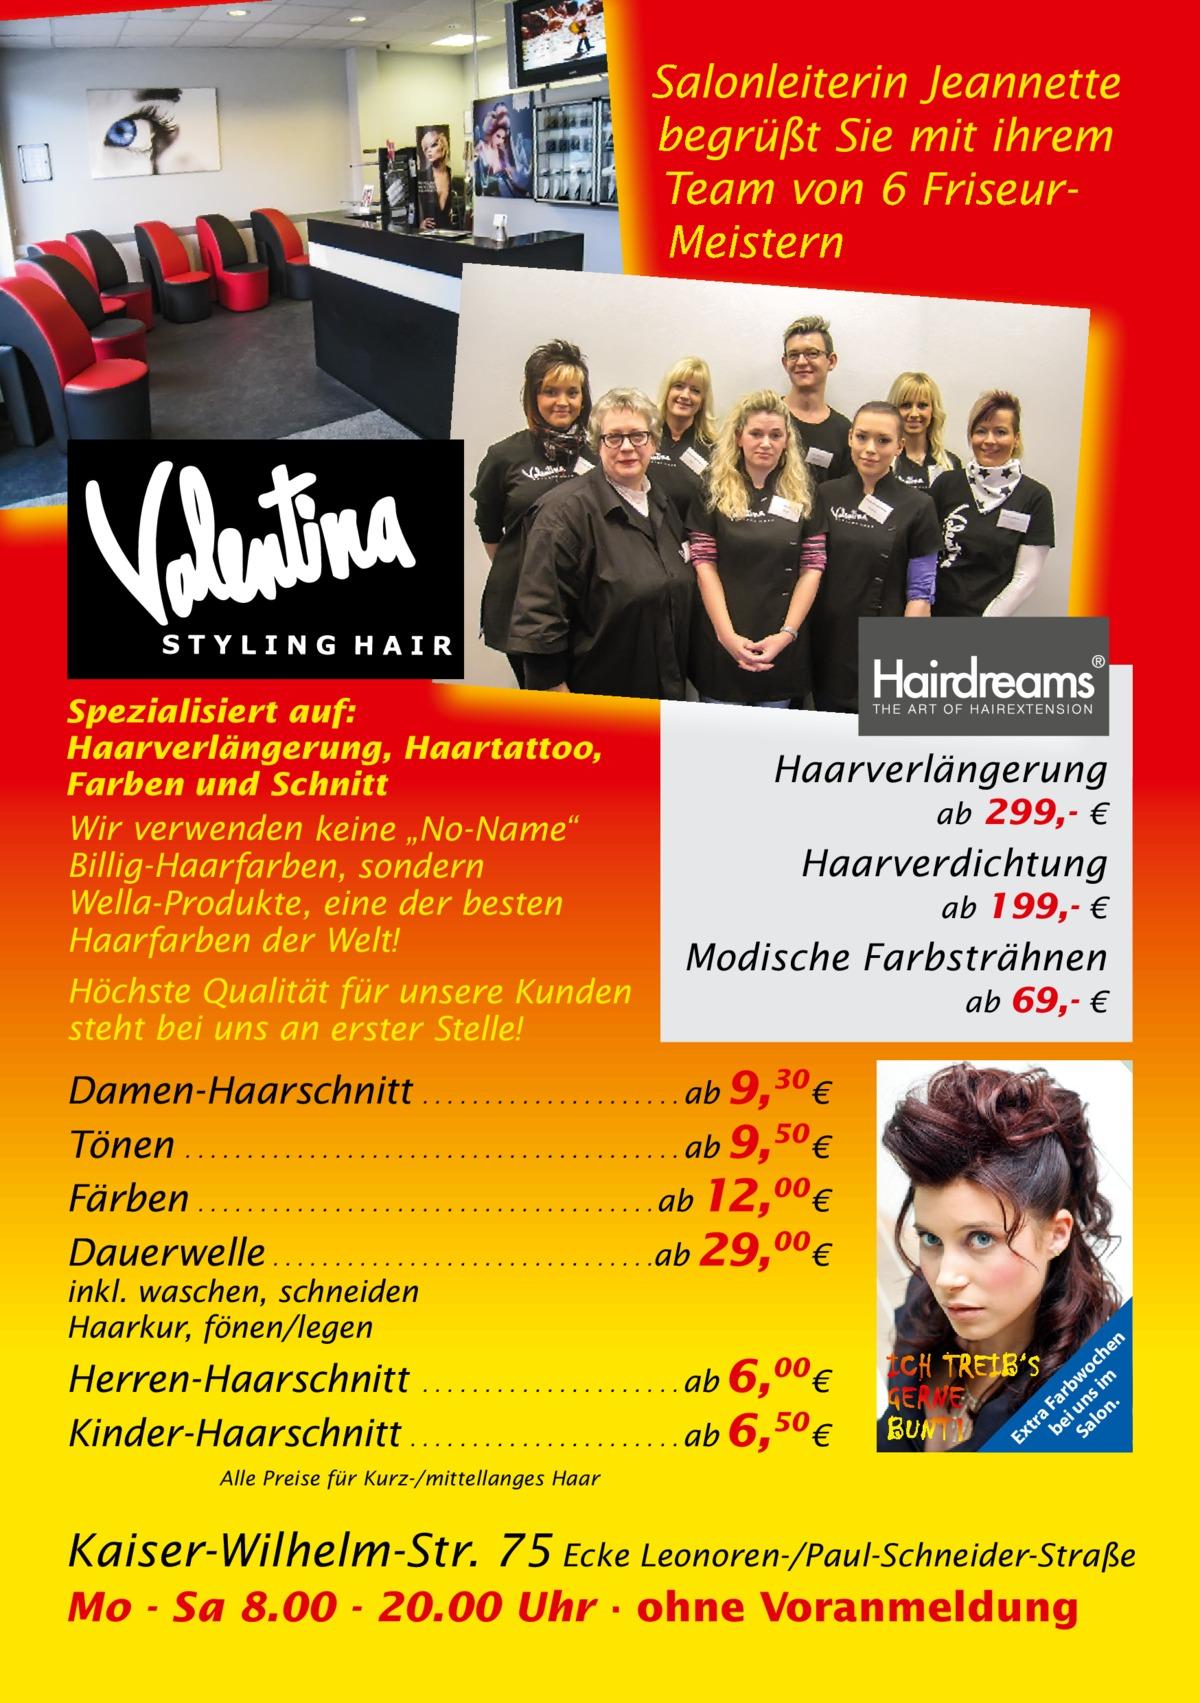 """Salonleiterin Jeannette begrüßt Sie mit ihrem Team von 6 FriseurMeistern  Spezialisiert auf: Haarverlängerung, Haartattoo, Farben und Schnitt  Wir verwenden keine """"No-Name"""" Billig-Haarfarben, sondern Wella-Produkte, eine der besten Haarfarben der Welt! Höchste Qualität für unsere Kunden steht bei uns an erster Stelle!  Haarverlängerung ab 299,- €  Haarverdichtung ab 199,- €  Modische Farbsträhnen ab 69,- €  Herren-Haarschnitt . . . . . . . . . . . . . . . . . . . . . ab 6,00€ Kinder-Haarschnitt . . . . . . . . . . . . . . . . . . . . . . ab 6,50 €  Ex  inkl. waschen, schneiden Haarkur, fönen/legen  tr a be Fa i rb Sa un wo lo s im ch n. en  Damen-Haarschnitt . . . . . . . . . . . . . . . . . . . . . ab 9,30 € Tönen . . . . . . . . . . . . . . . . . . . . . . . . . . . . . . . . . . . . . . . . ab 9,50 € Färben . . . . . . . . . . . . . . . . . . . . . . . . . . . . . . . . . . . . . ab 12,00€ Dauerwelle . . . . . . . . . . . . . . . . . . . . . . . . . . . . . . .ab 29,00€  Alle Preise für Kurz-/mittellanges Haar  Kaiser-Wilhelm-Str. 75 Ecke Leonoren-/Paul-Schneider-Straße Mo - Sa 8.00 - 20.00 Uhr · ohne Voranmeldung"""